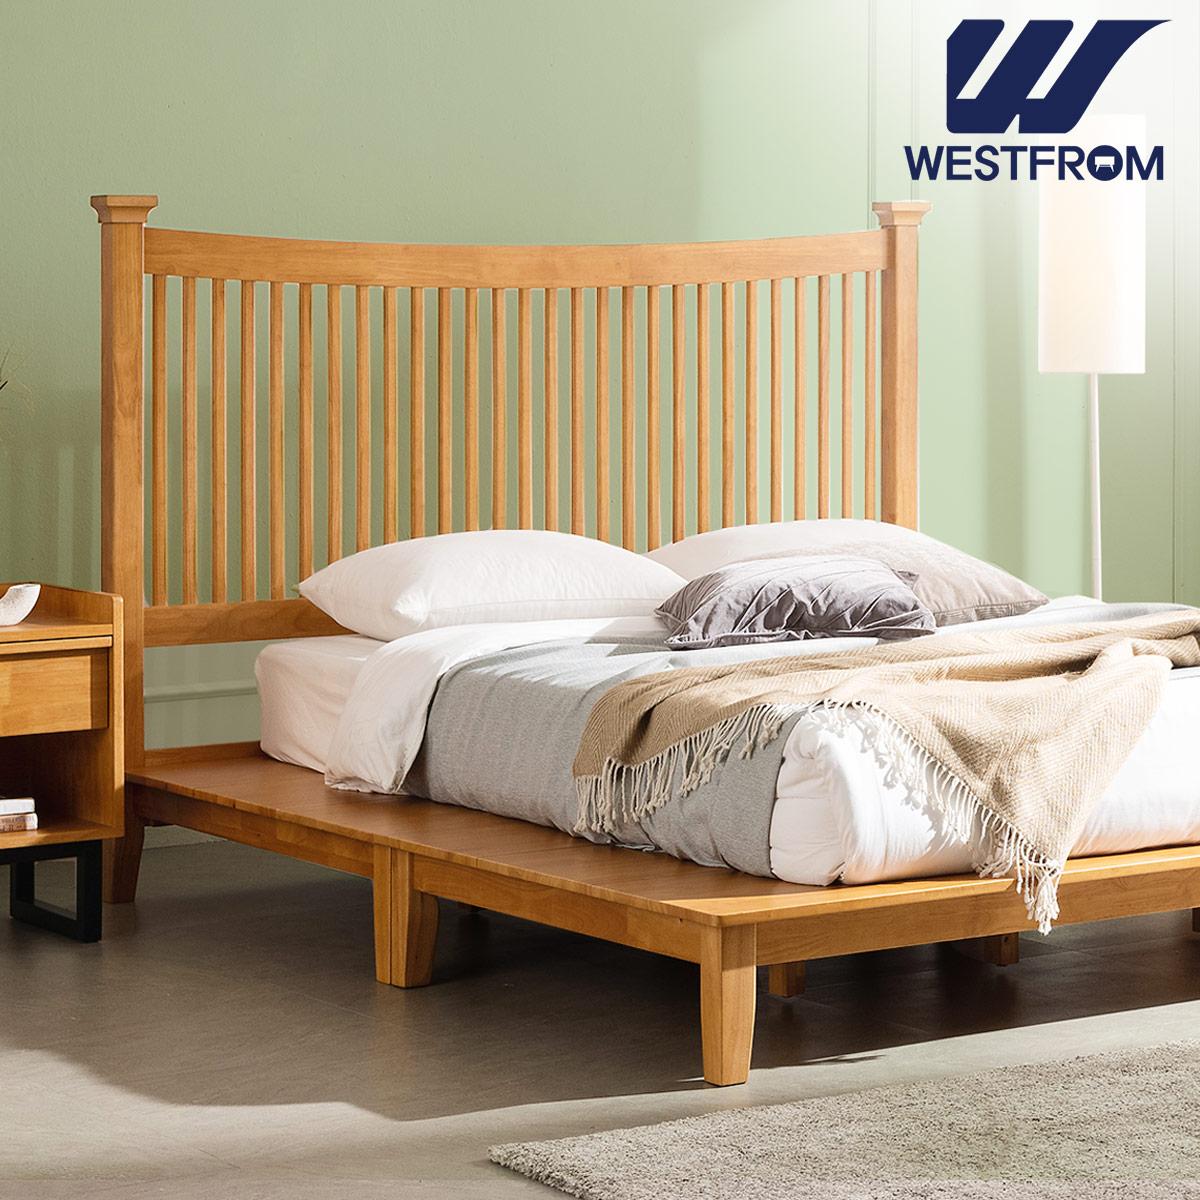 [웨스트프롬] 모던 마가렛) 고무나무원목 평상형 침대(라지K) / F3 QUEEN 매트리스